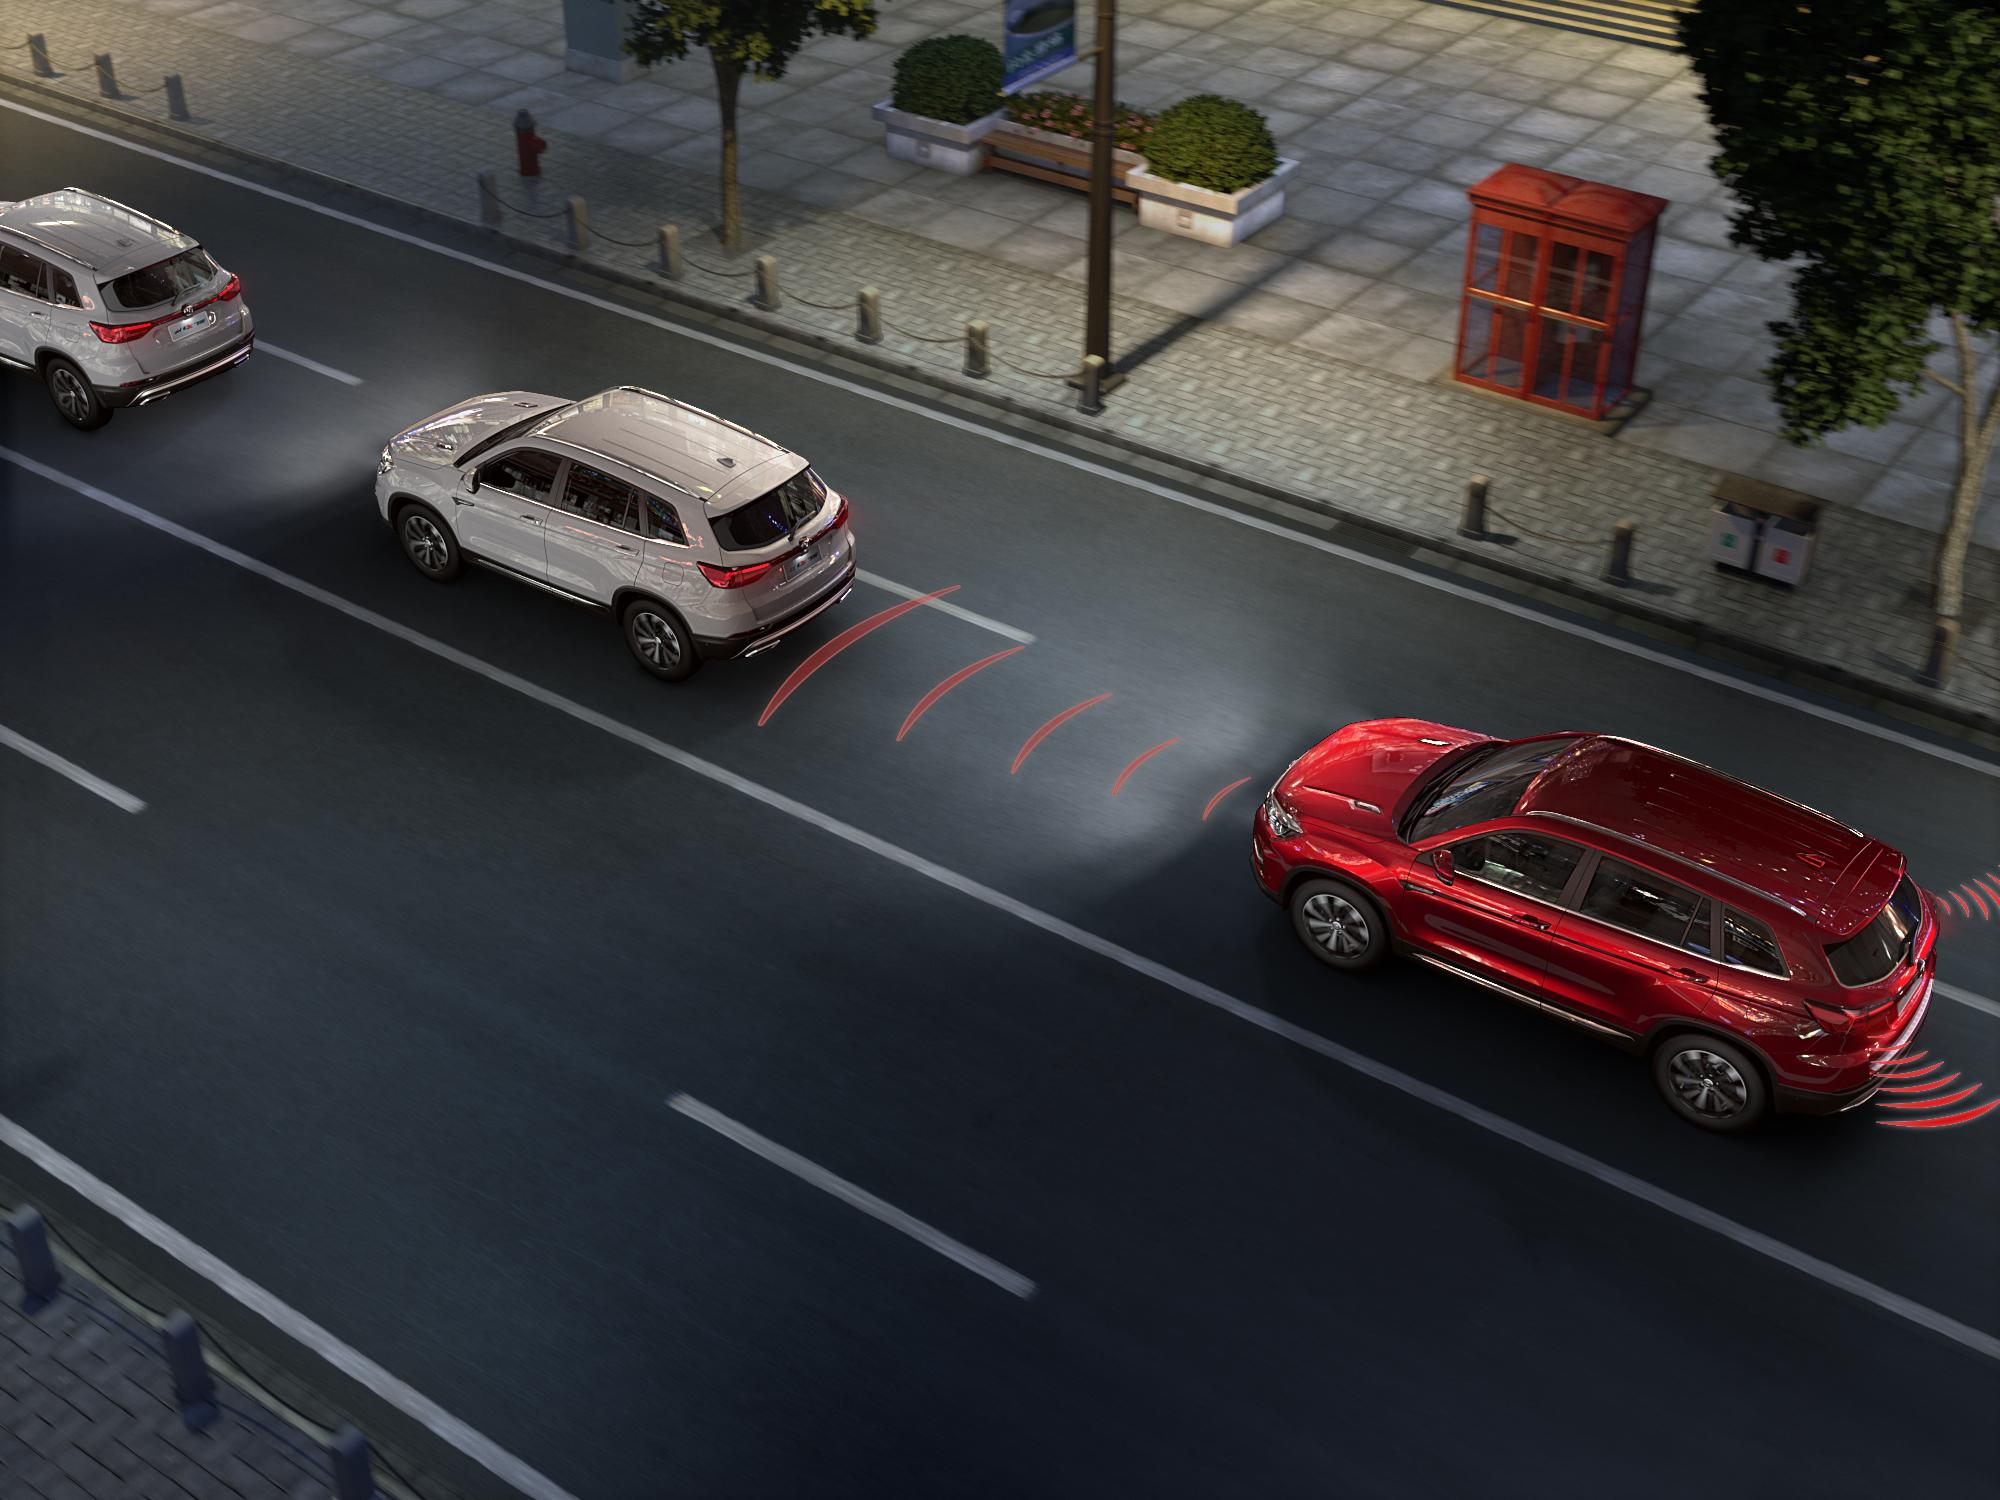 汽车智能化时代到来,长安汽车这次是掉队还是继续领跑?